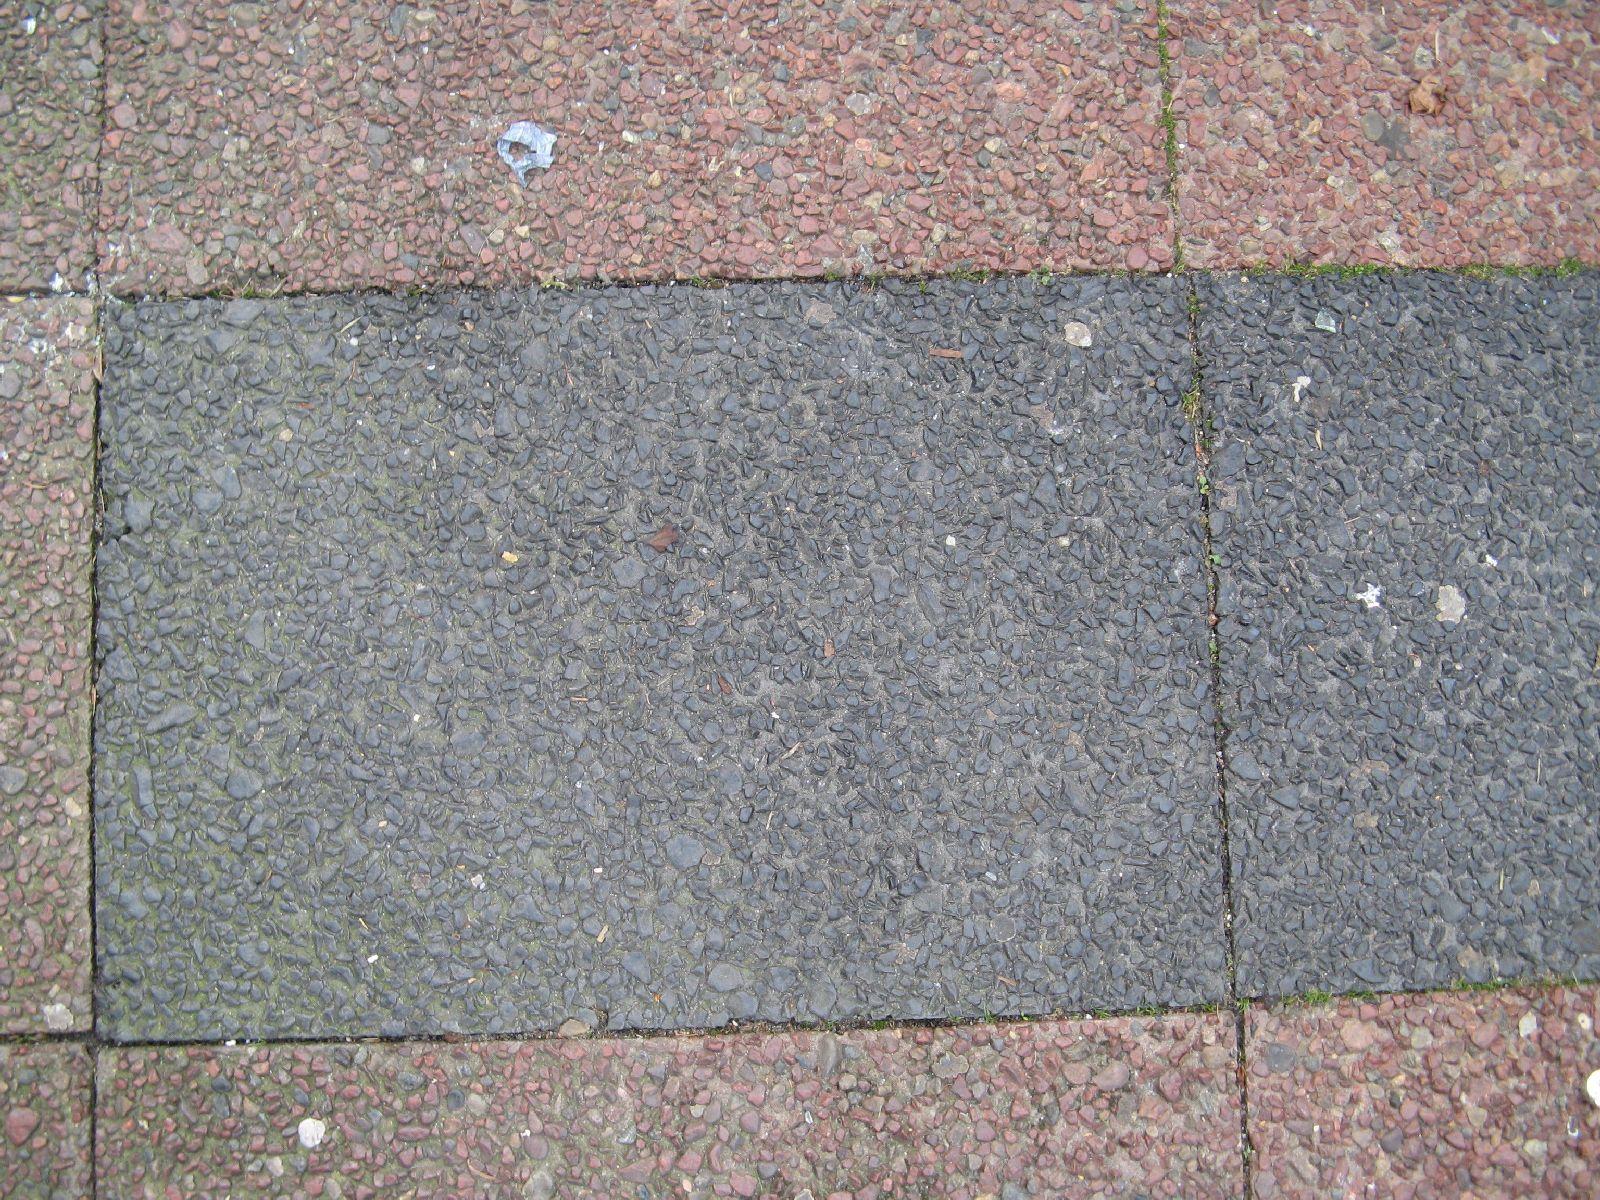 Ground-Urban_Texture_B_0730